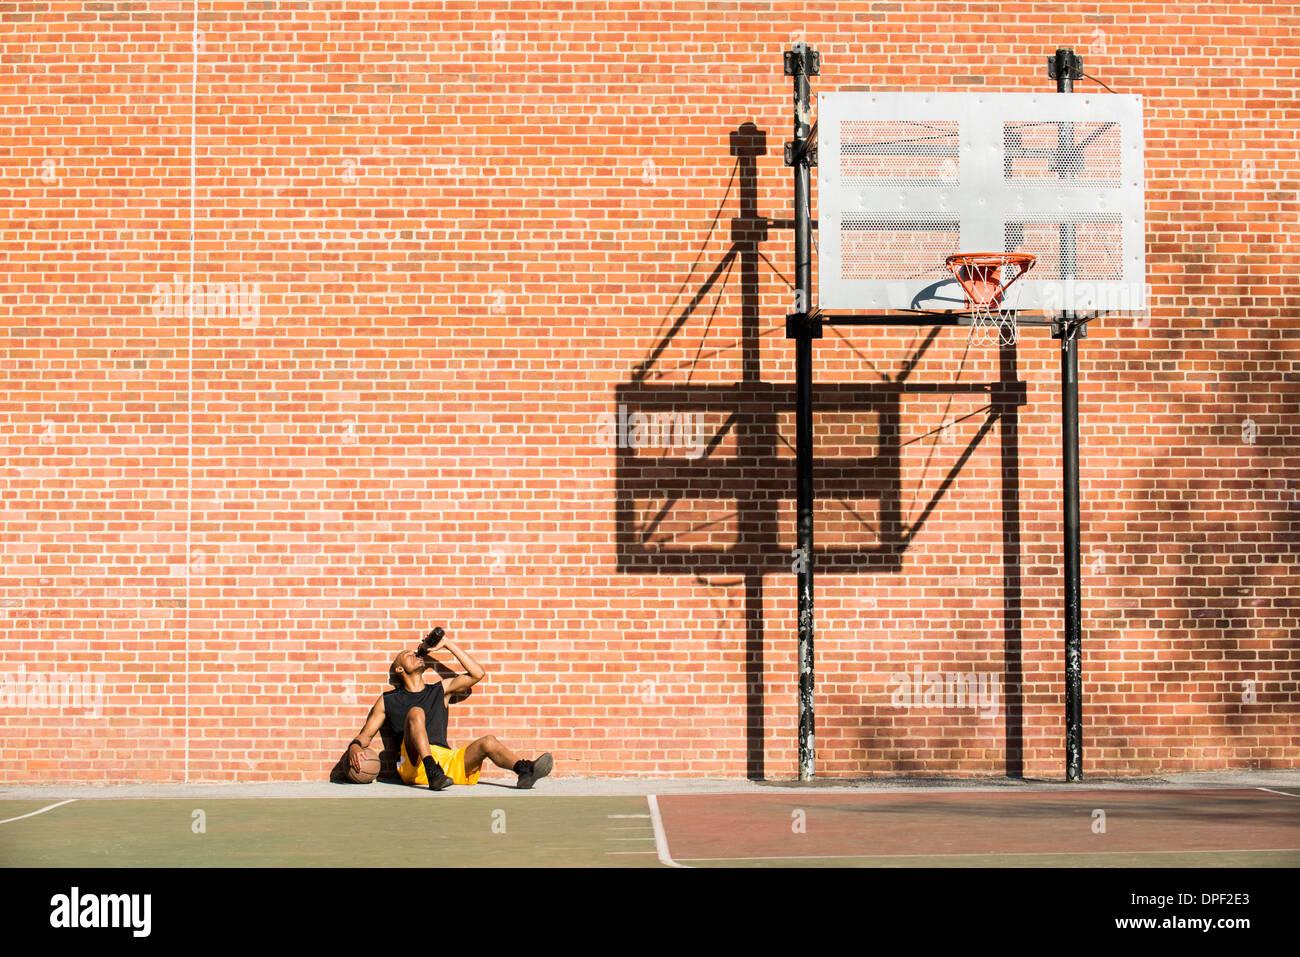 Giocatore di basket in appoggio su corte Immagini Stock